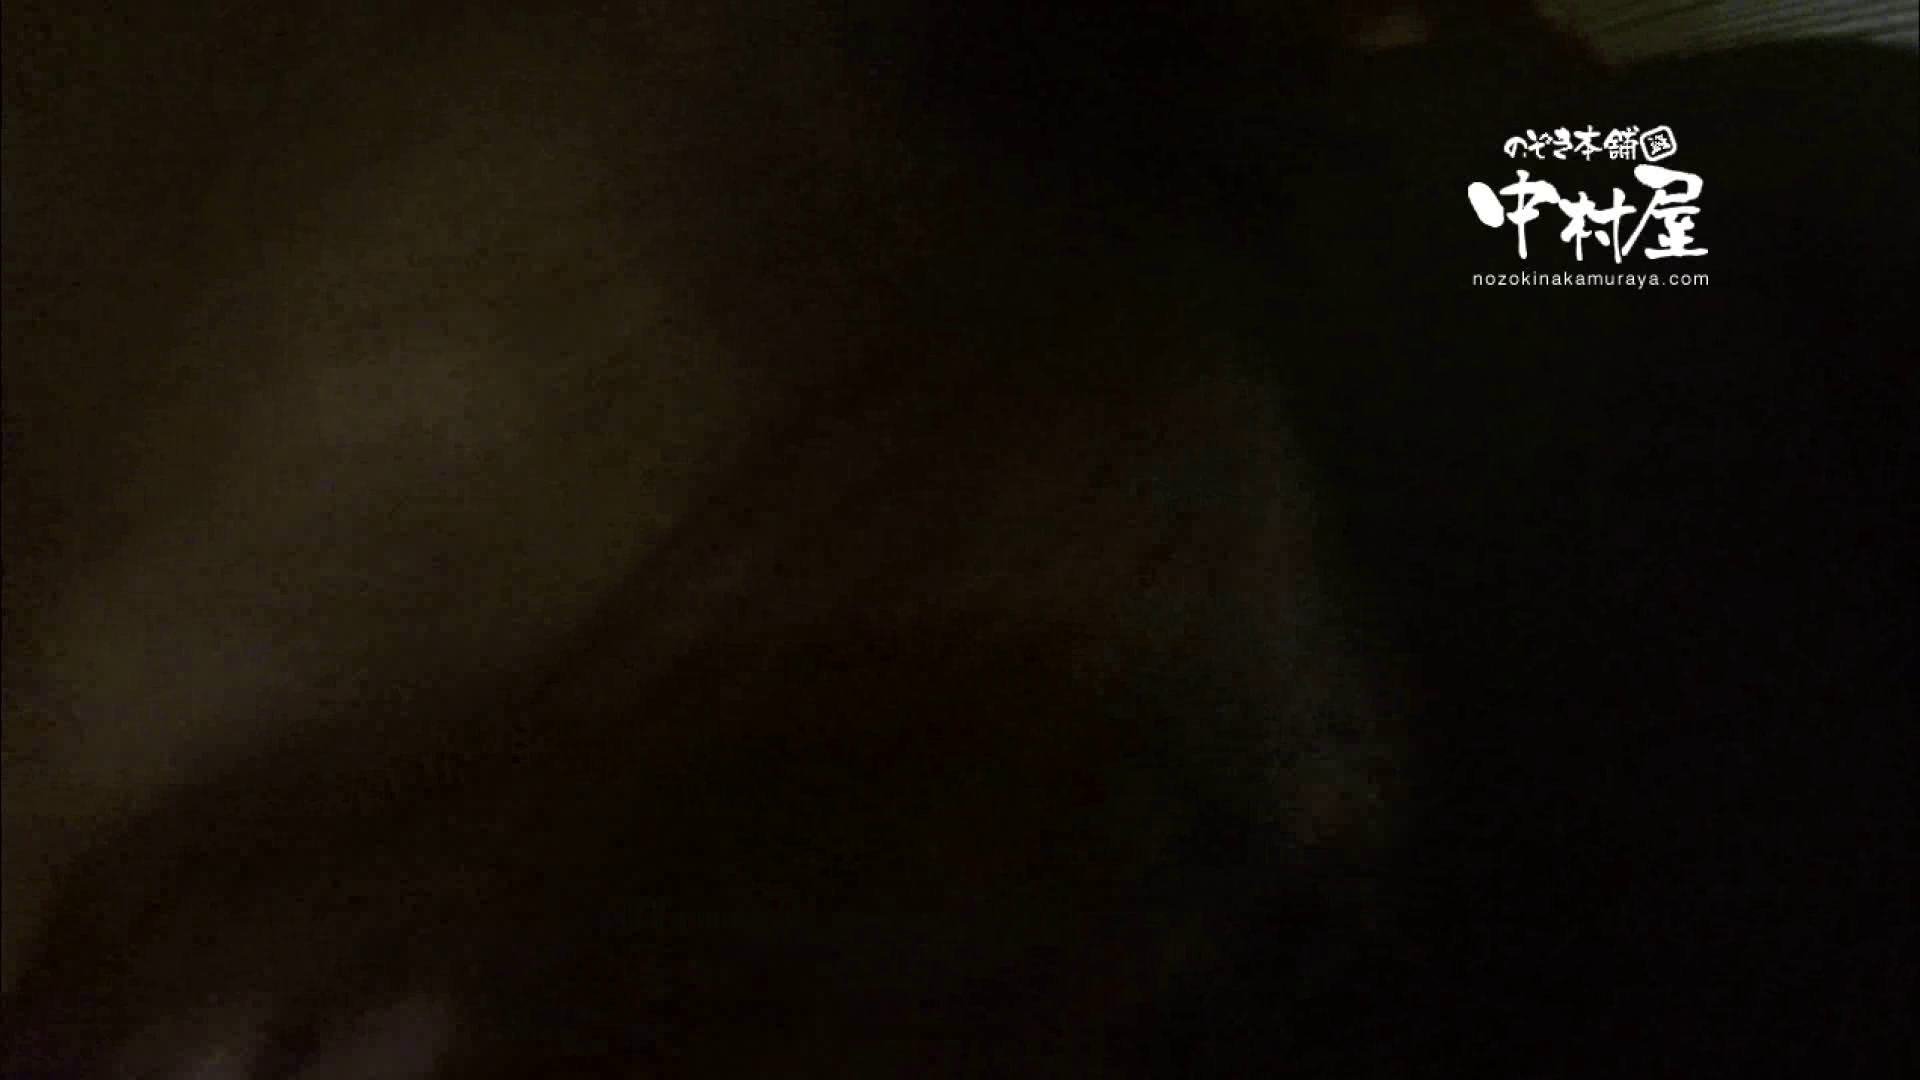 鬼畜 vol.11 下の口は正直なオンナ 後編 鬼畜  93連発 2